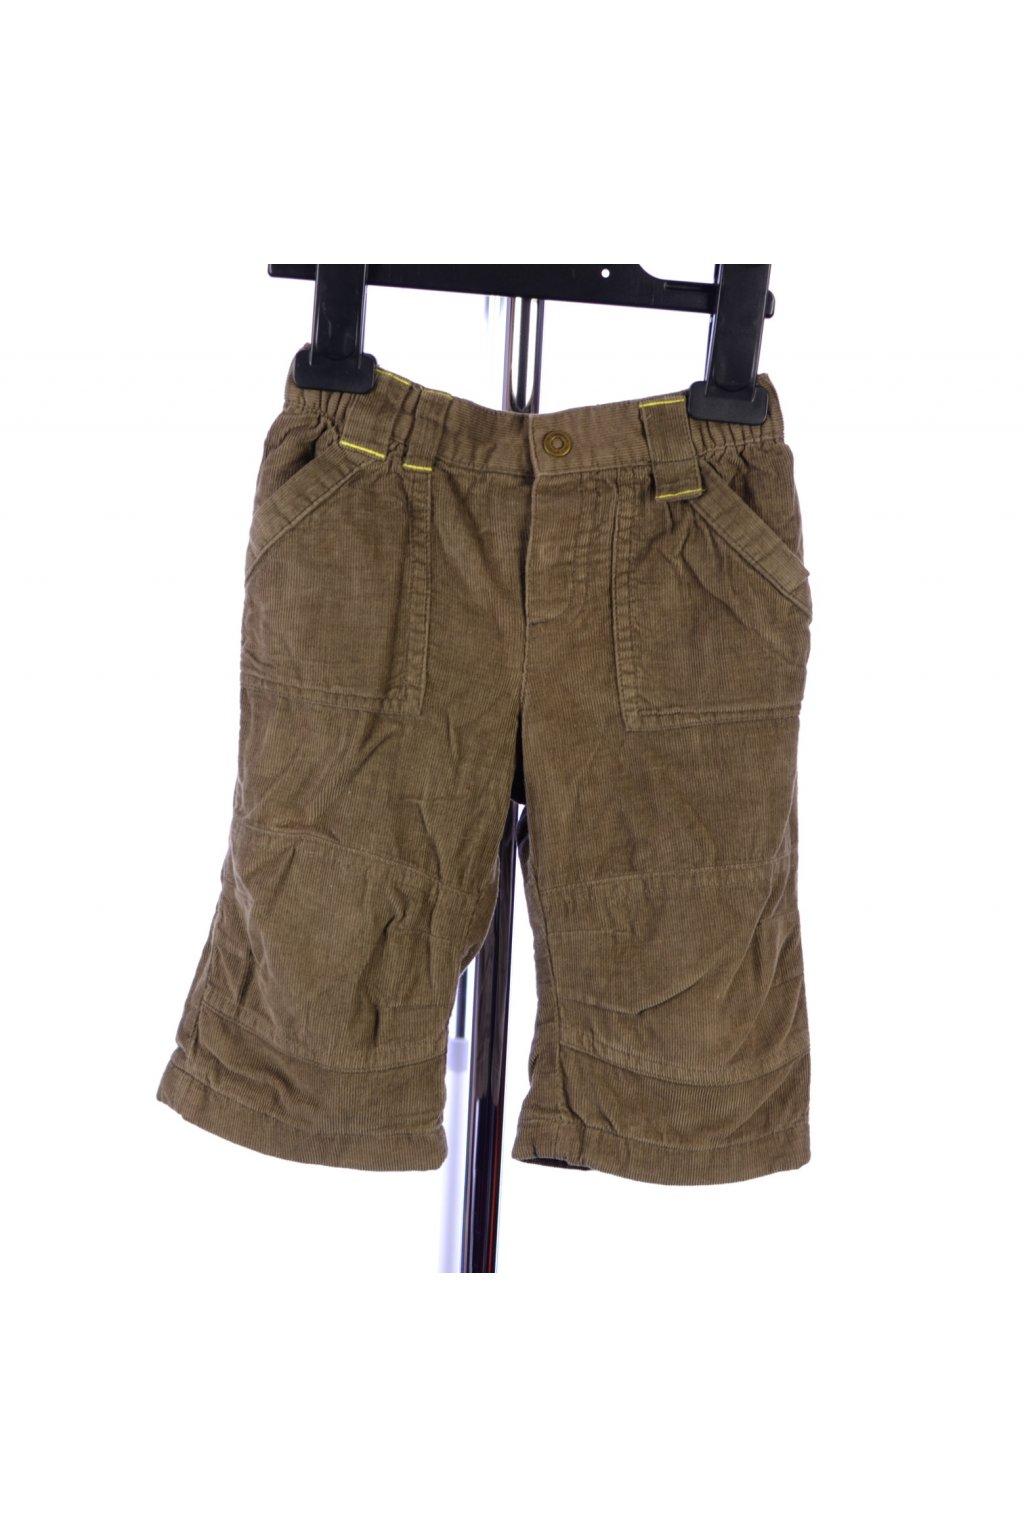 Kalhoty manšestrové s podšívkou Vertbaudet vel. 74